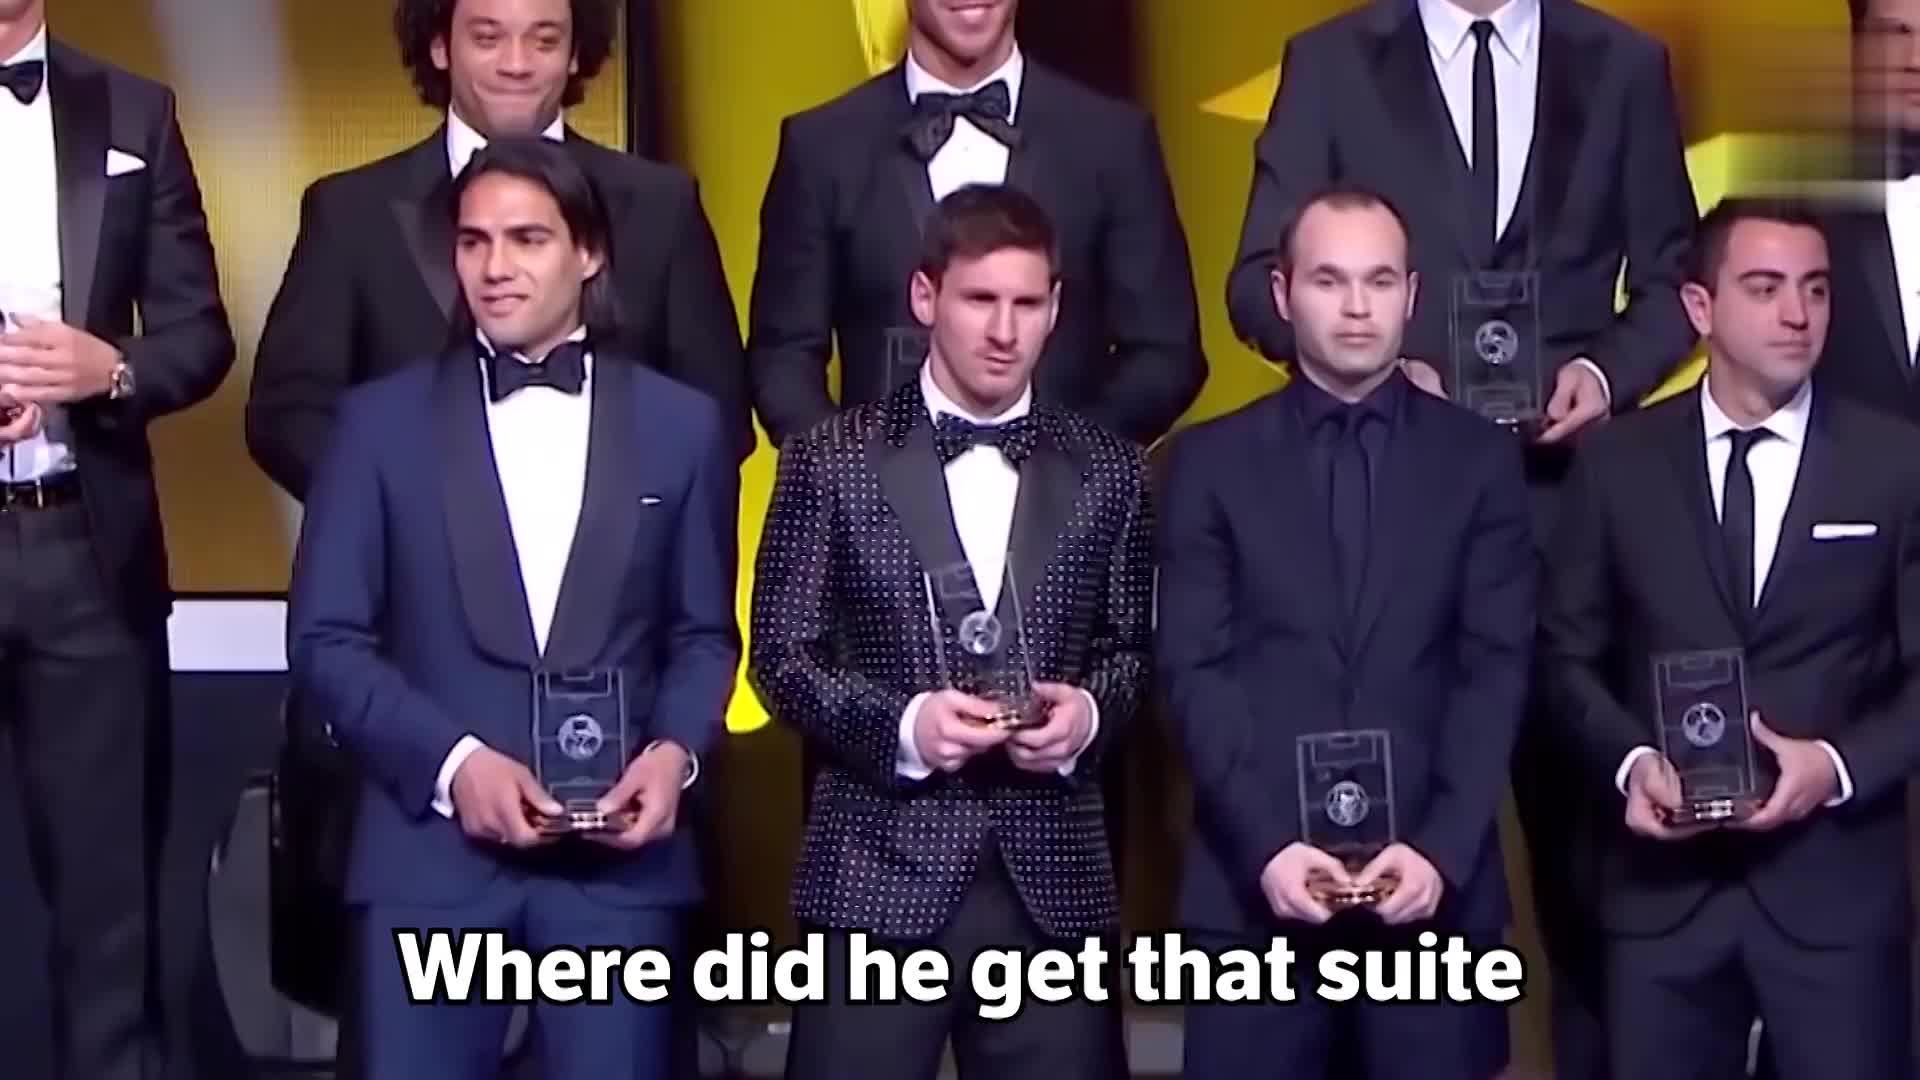 恶搞梅西之歌,记者问马拉多纳为啥梅西比他好,他竟无言以对